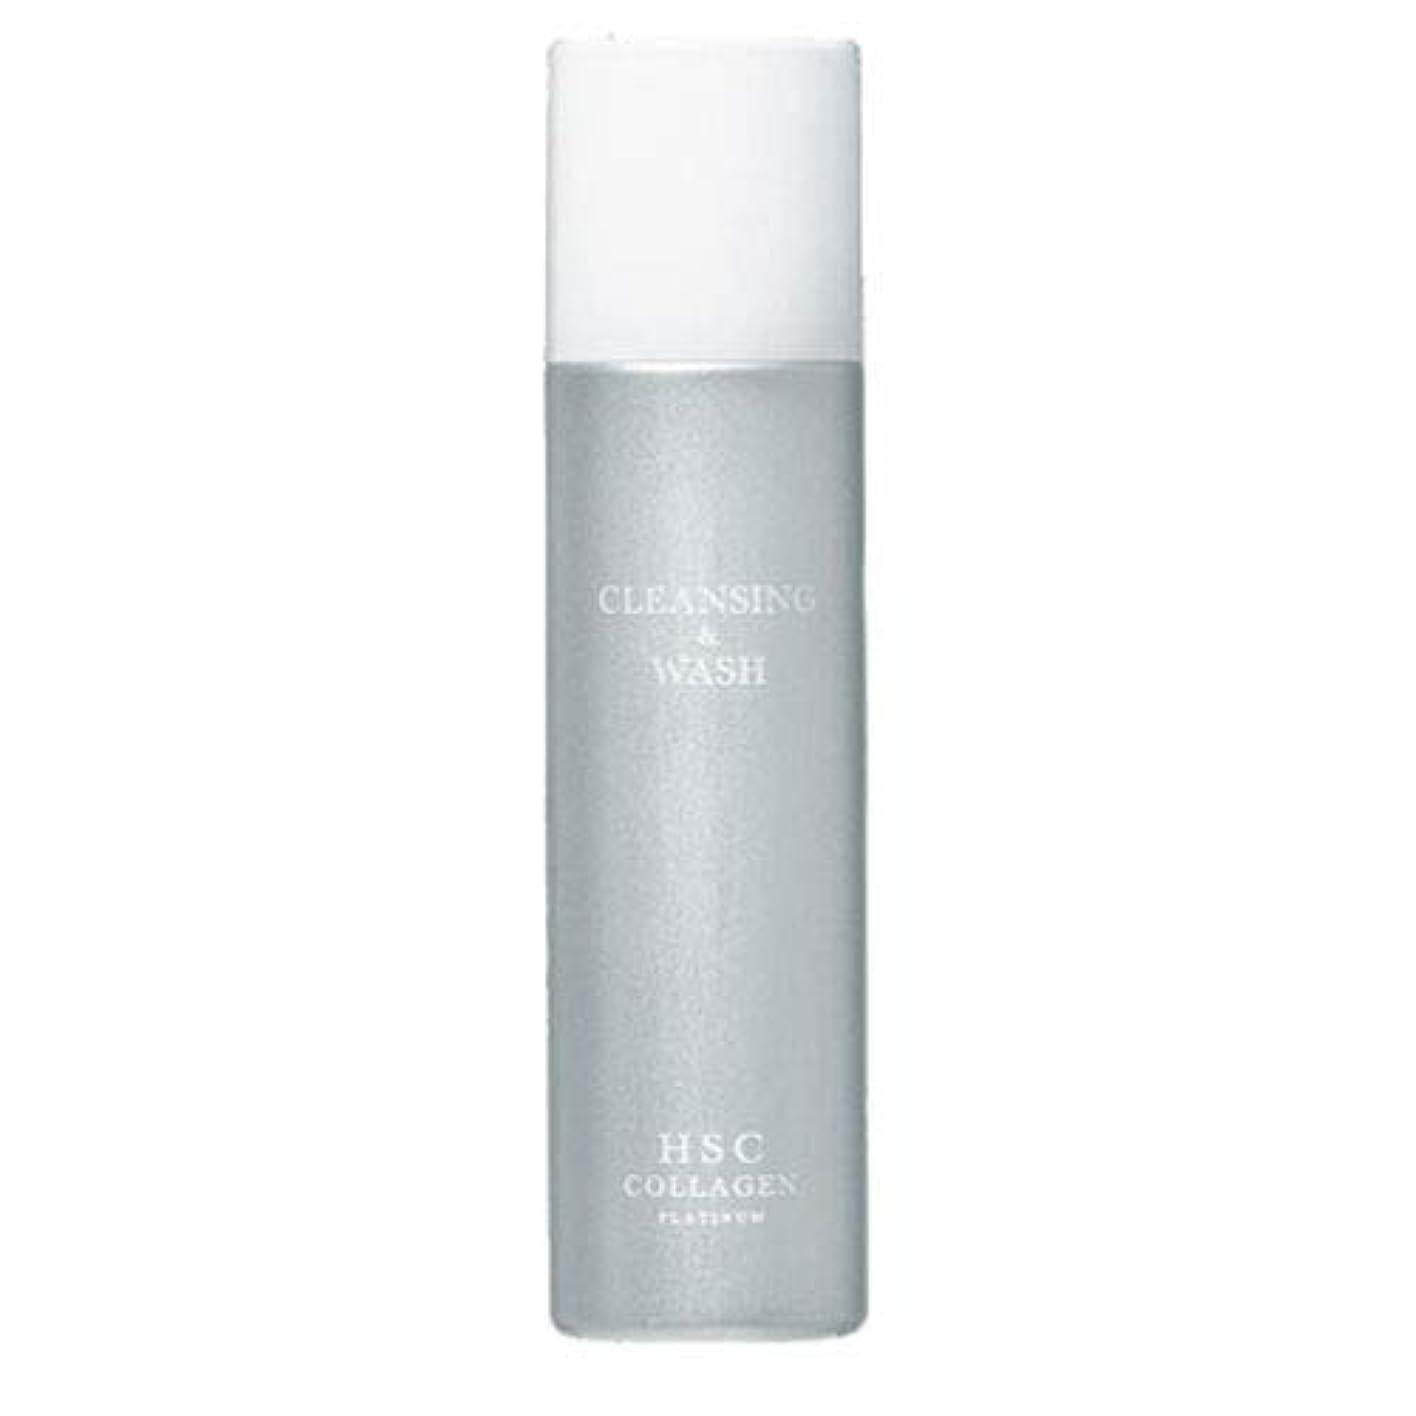 知恵例示するオンスアリミノ 塗るサプリ クレンジング&洗顔 180g